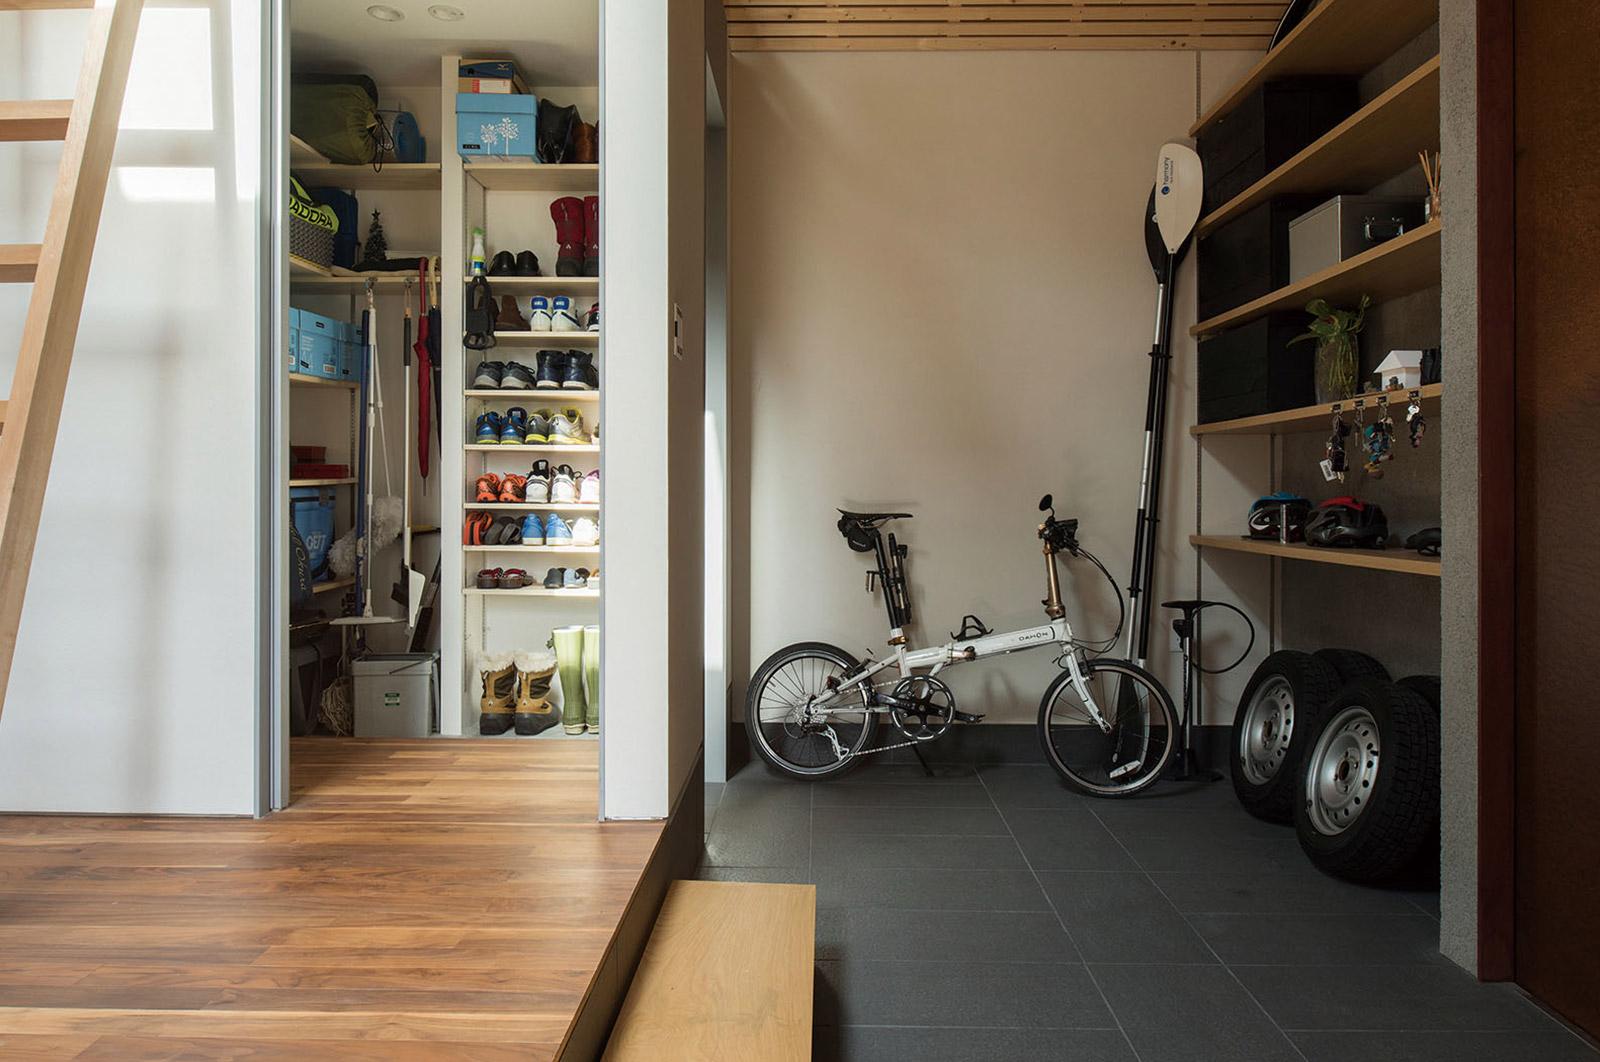 玄関土間には物置も兼ね、アウトドア用品や自転車、タイヤまですっきりと収納できる